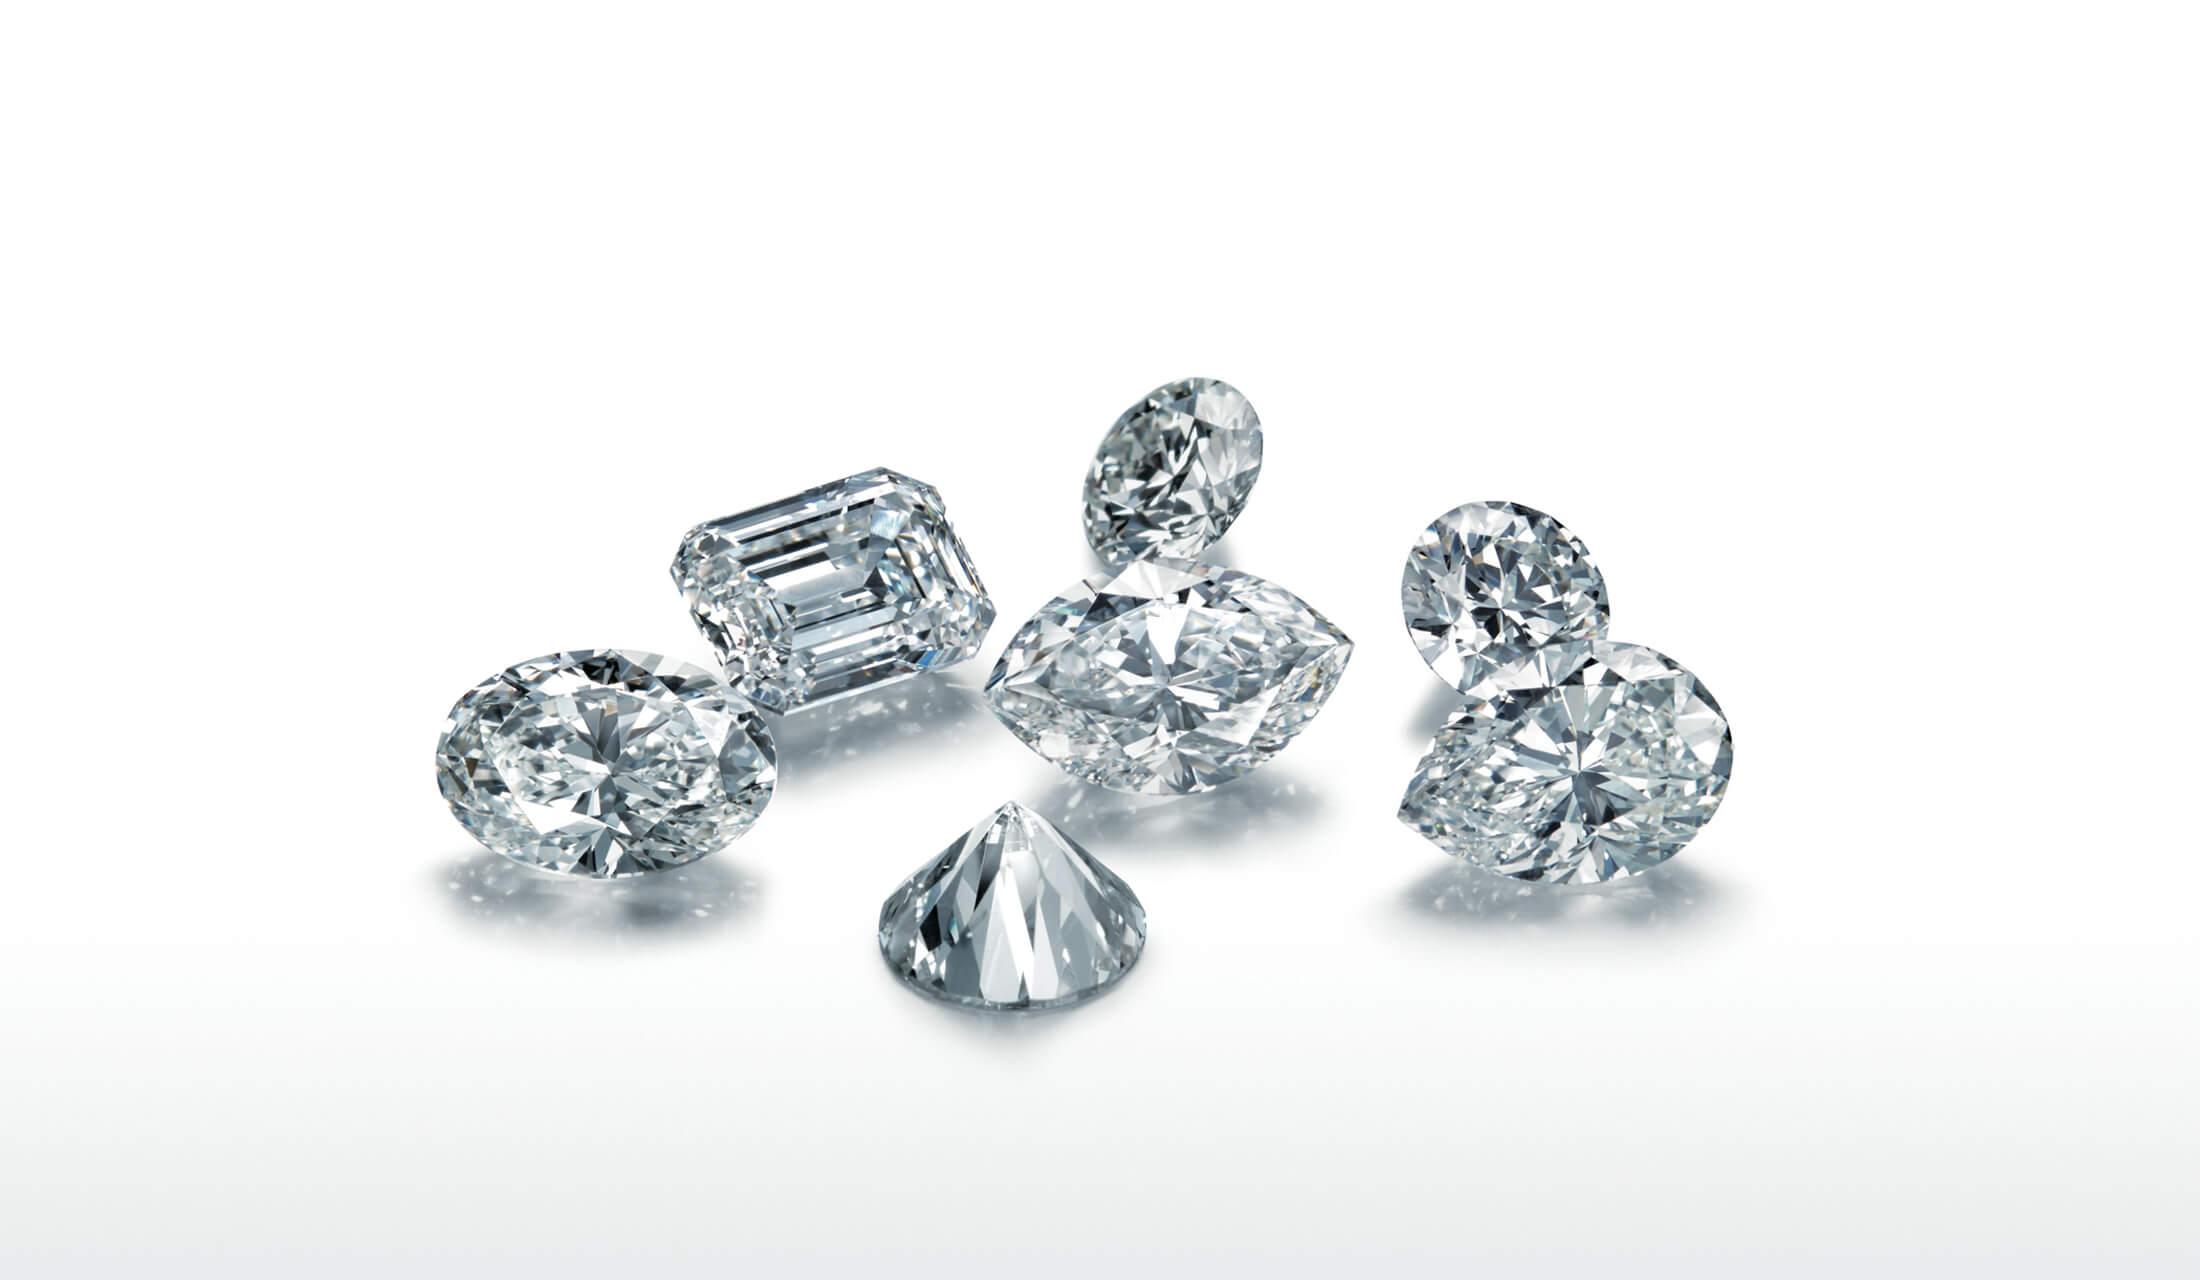 美しくカットされた大粒のダイヤモンドが7つ置かれている